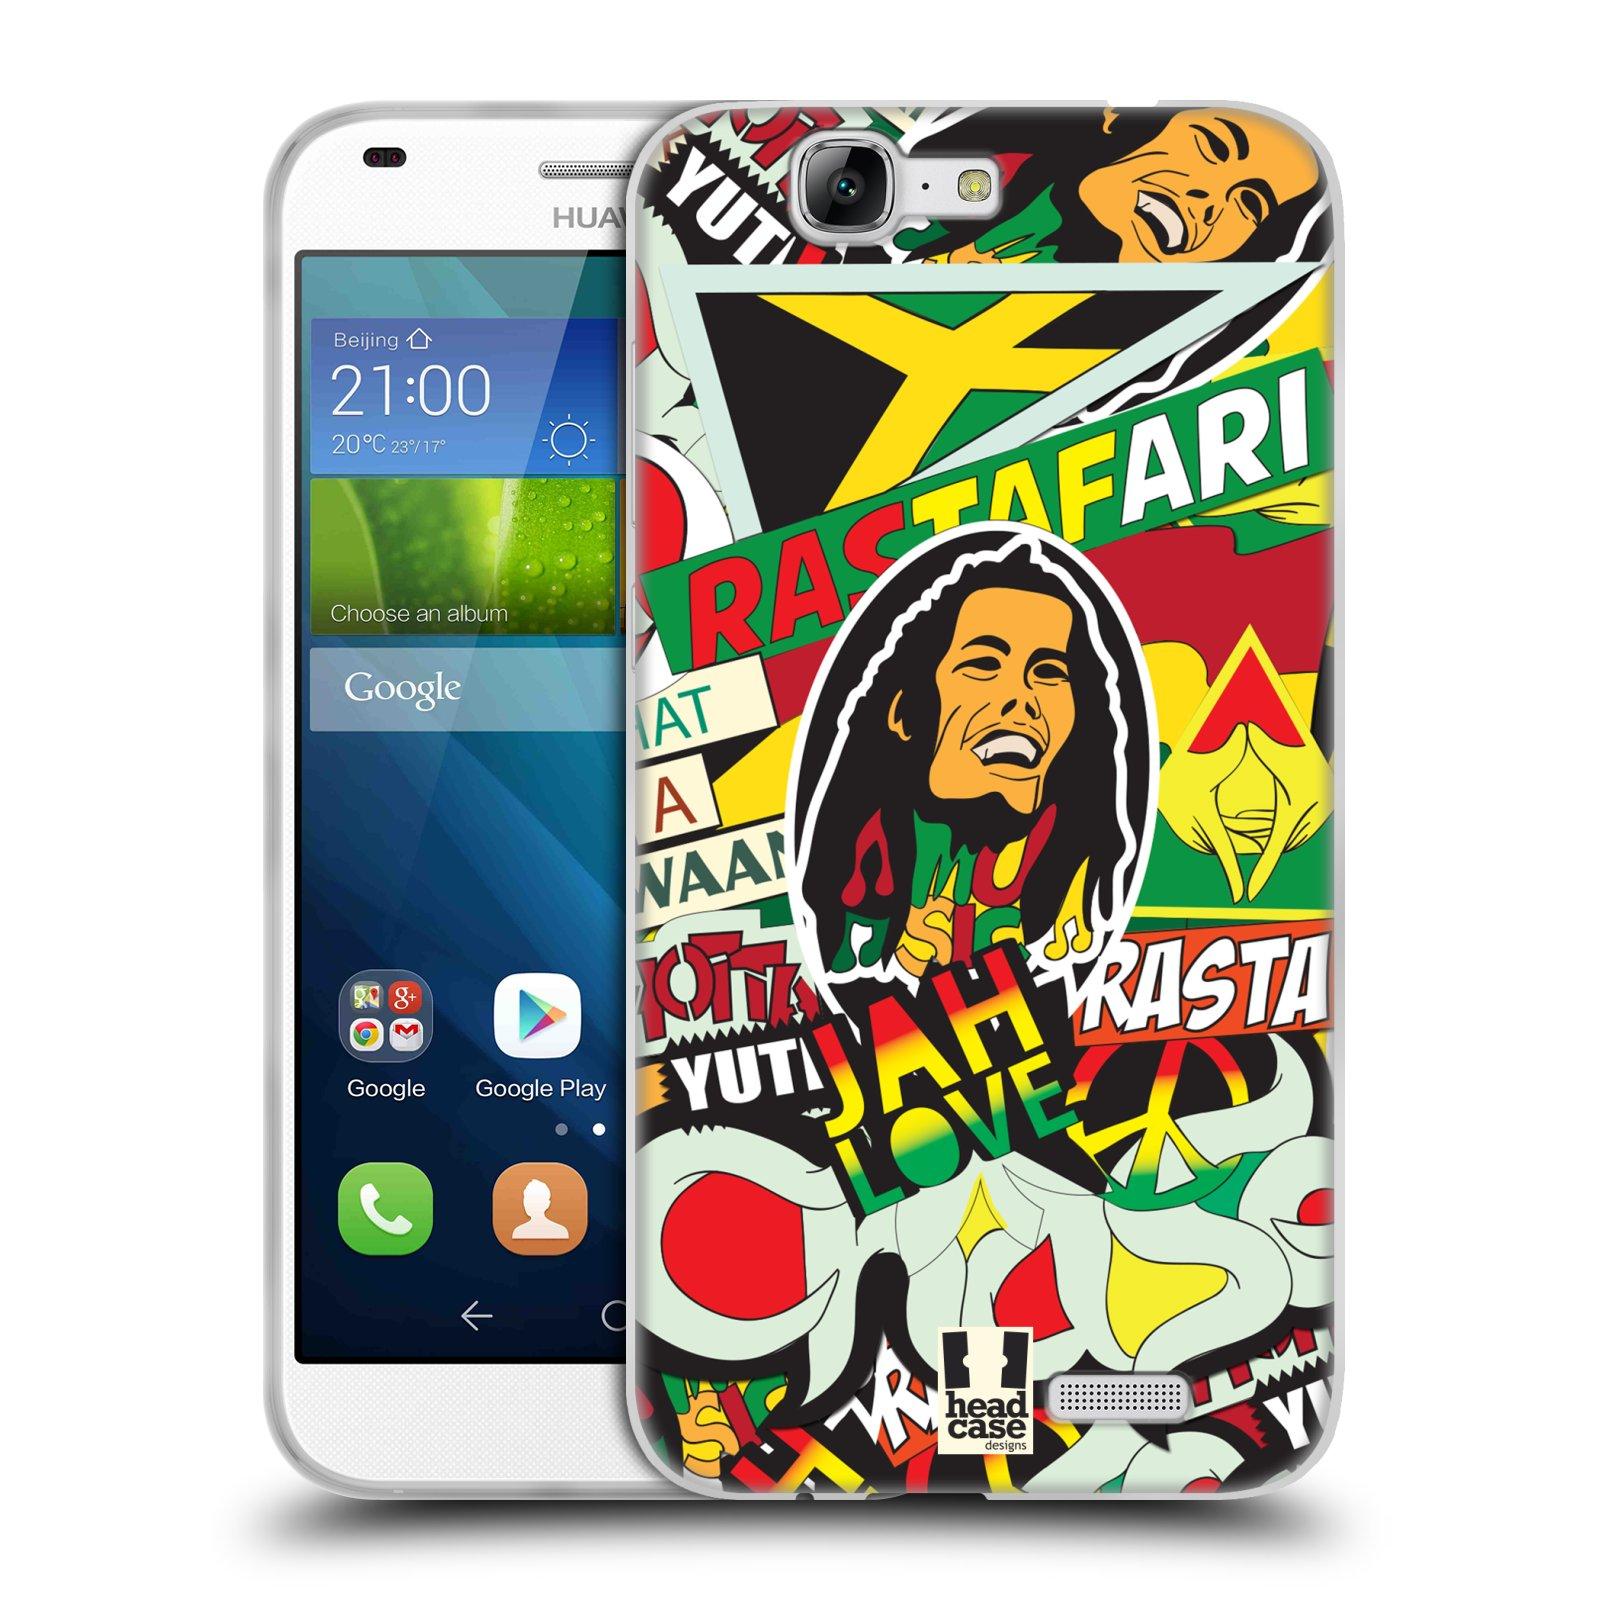 Silikonové pouzdro na mobil Huawei Ascend G7 HEAD CASE RASTA (Silikonový kryt či obal na mobilní telefon Huawei Ascend G7)